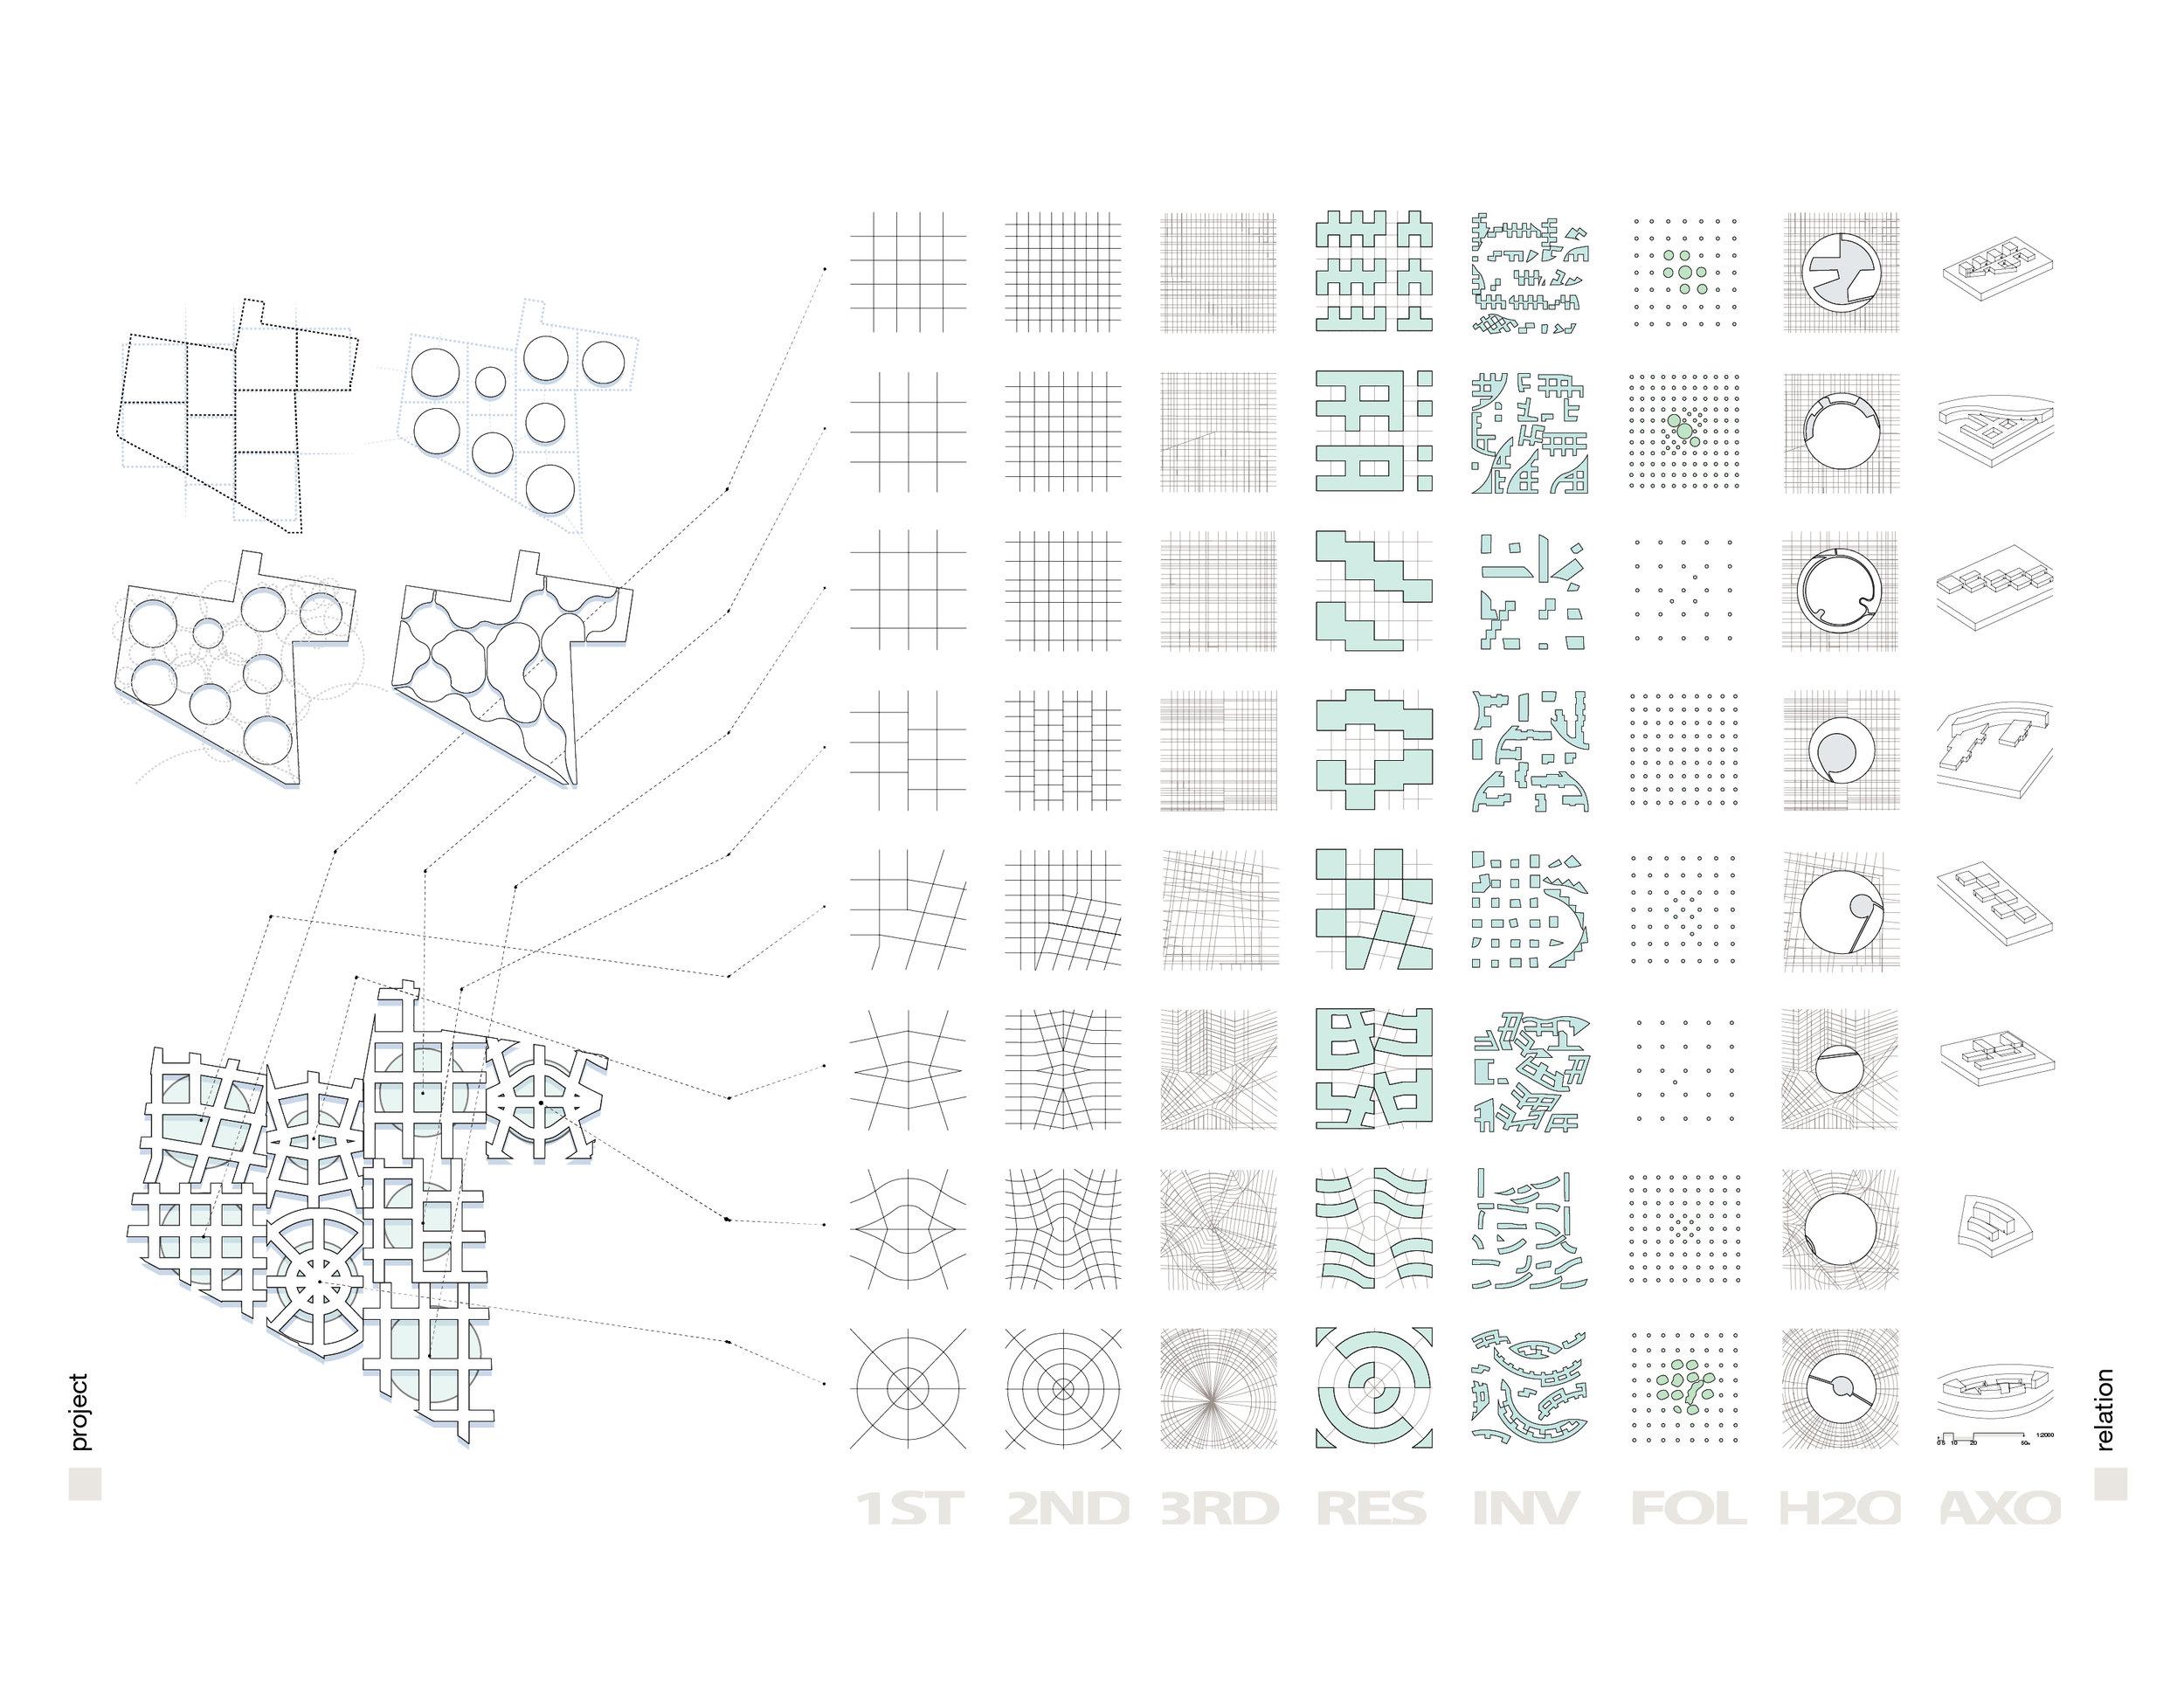 Deductive matrix